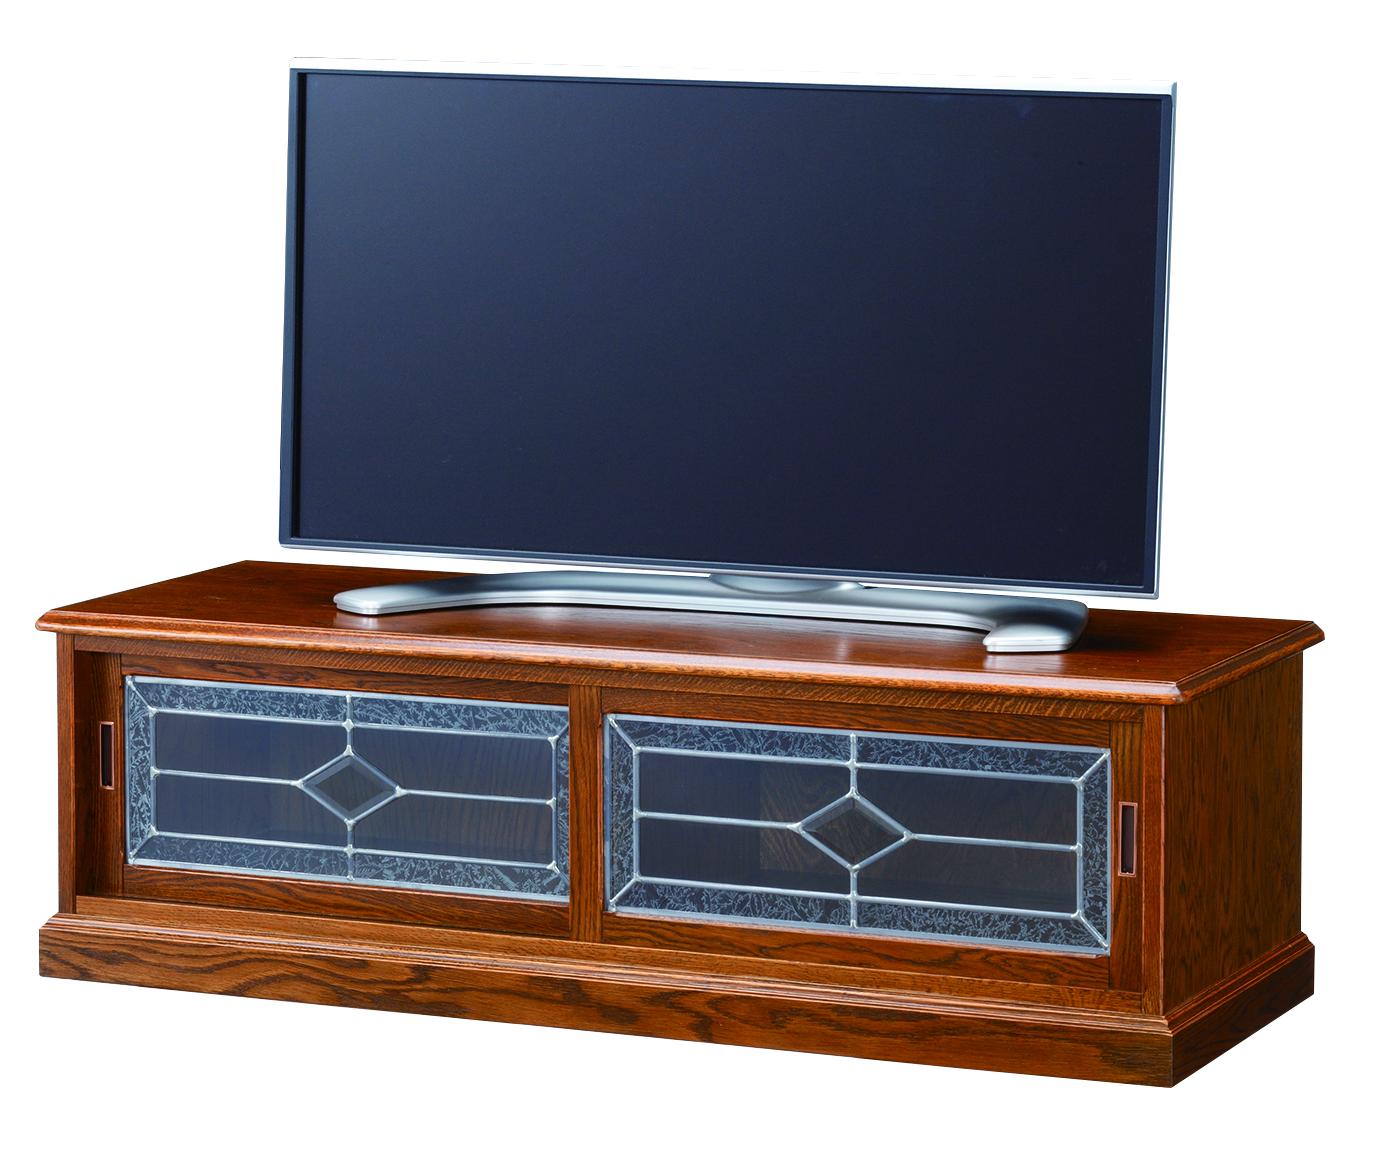 Brugge ブルージュ テレビボード VE1230 三越伊勢丹プロパティ・デザイン